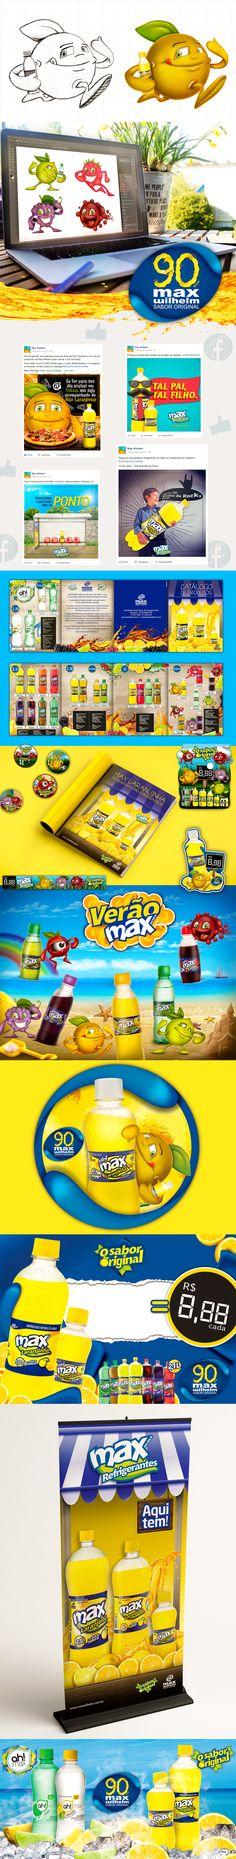 Campanha Integrada Max Refrigerantes - Ferver Comunicação